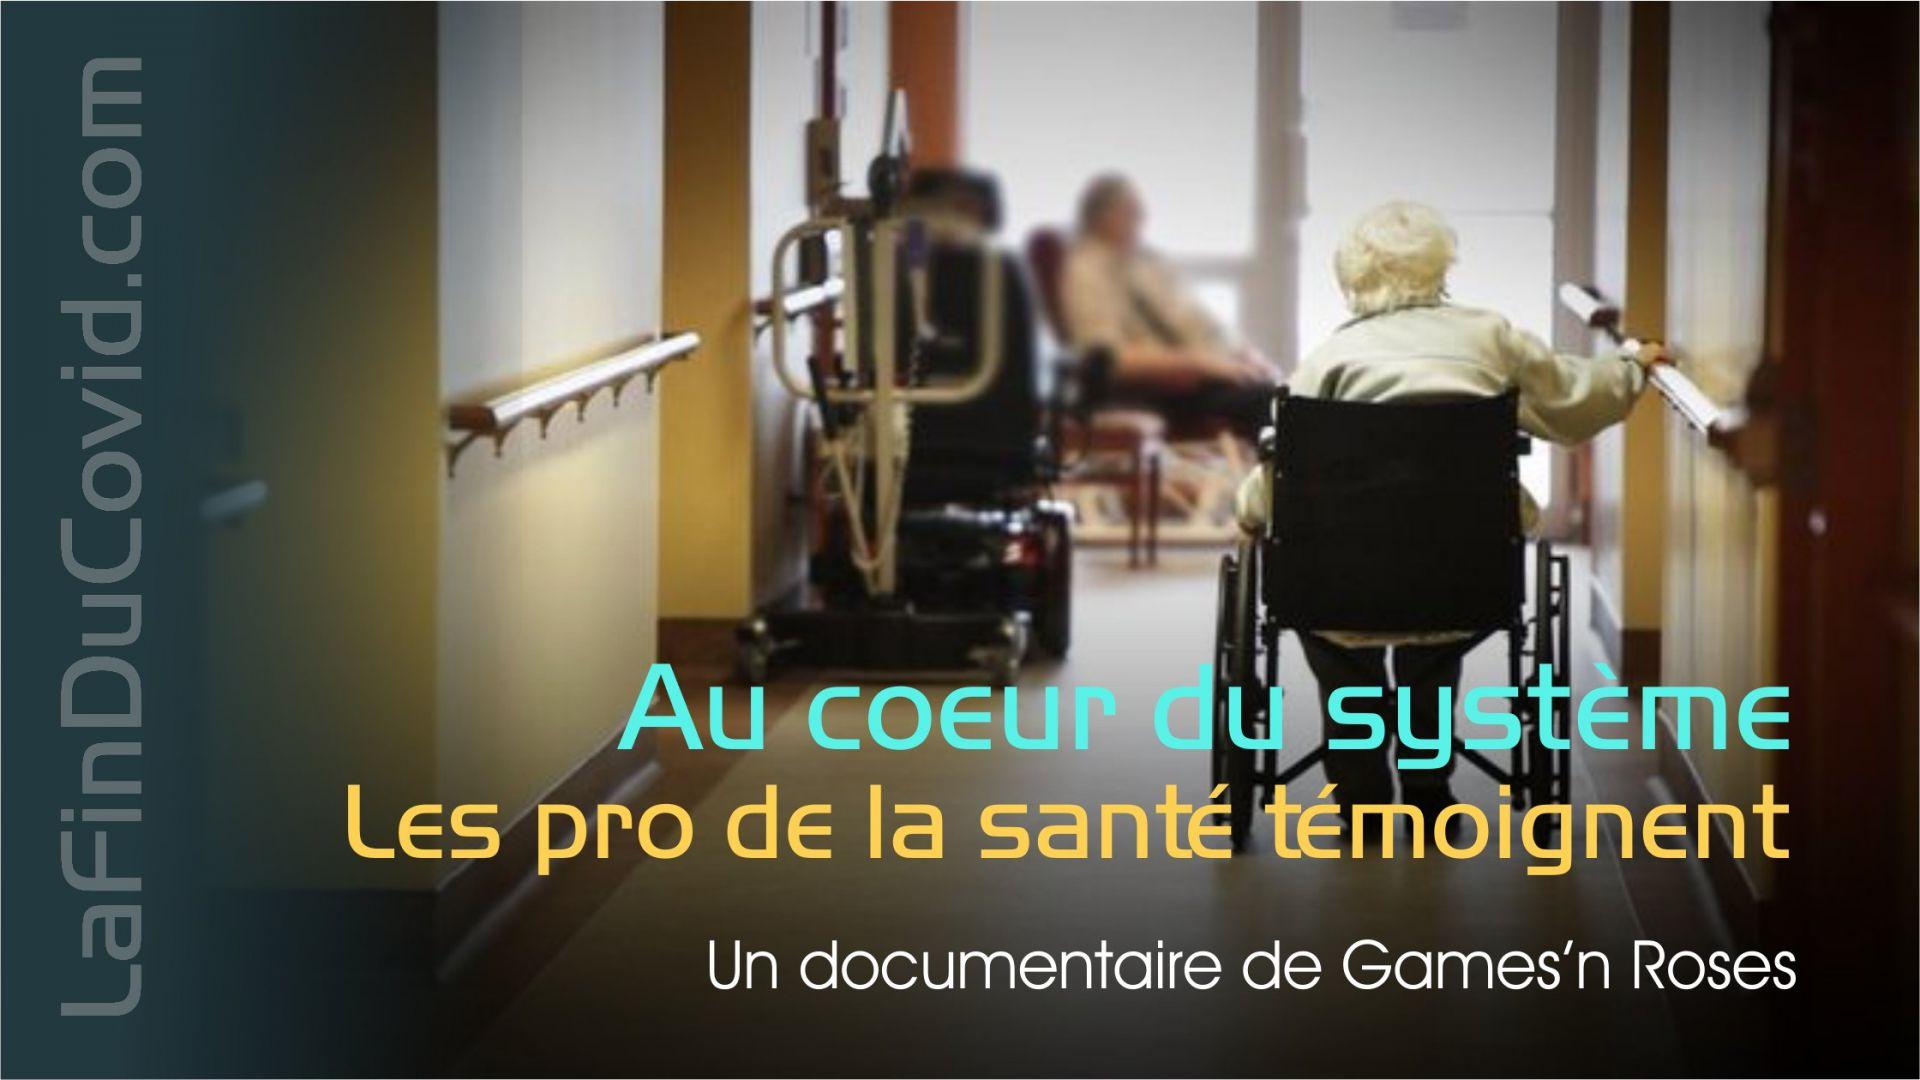 Ce documentaire révèle les incohérences en milieu hospitalier dont les employés ont été témoins.